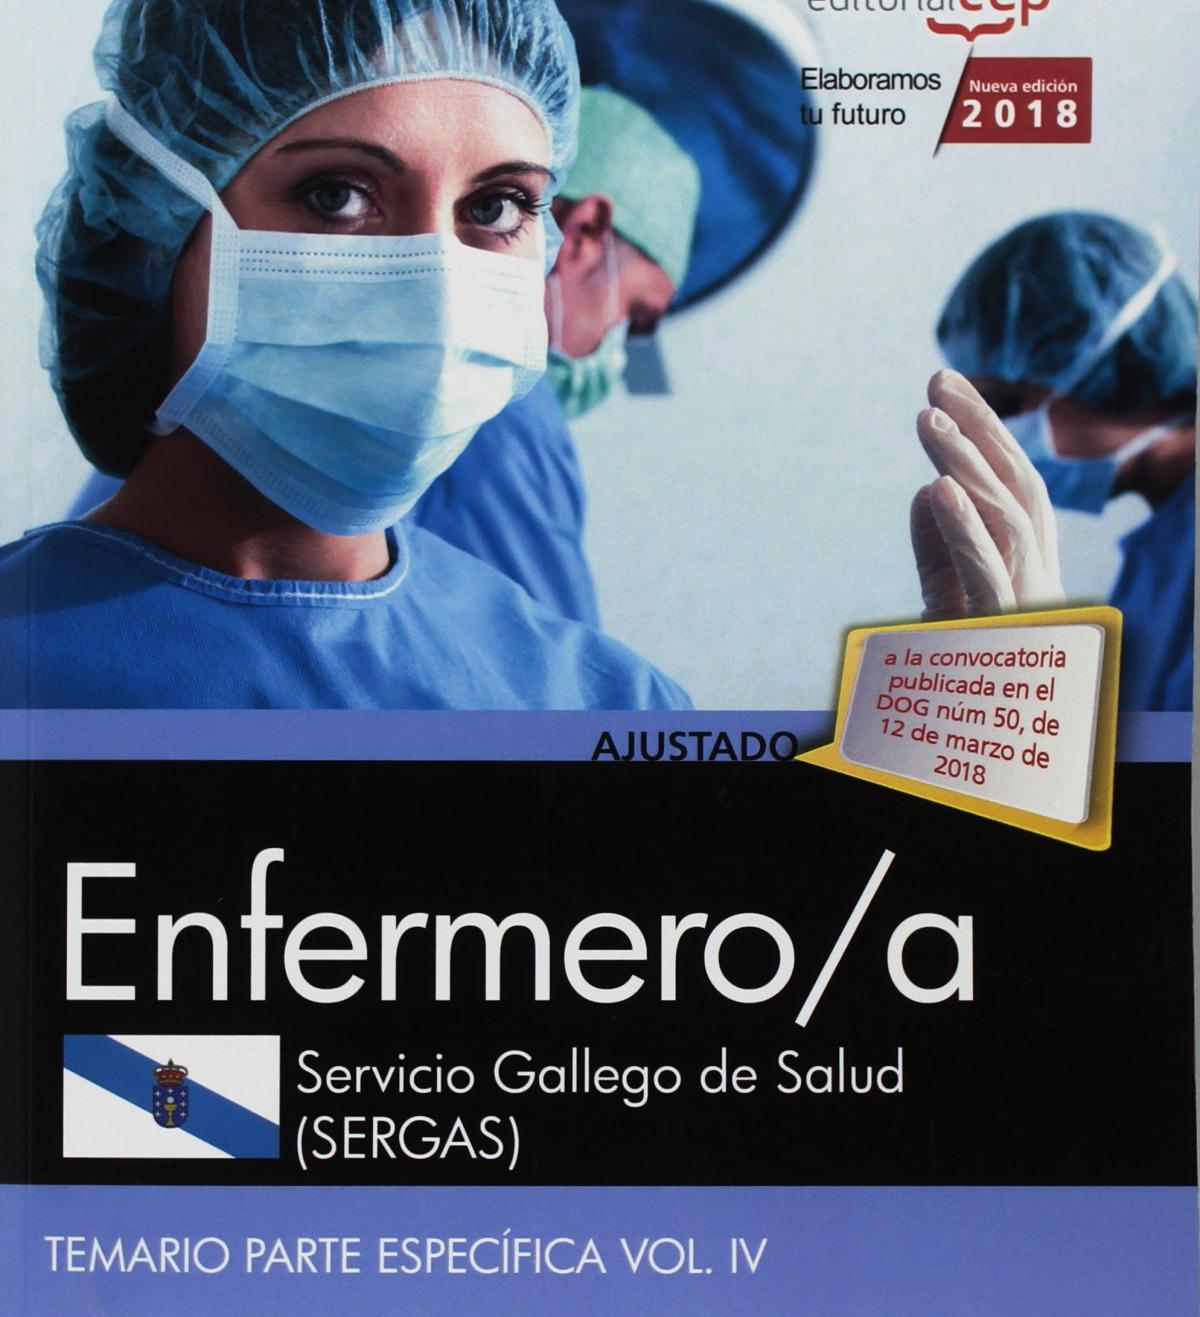 ENFERMERO/A SERGAS